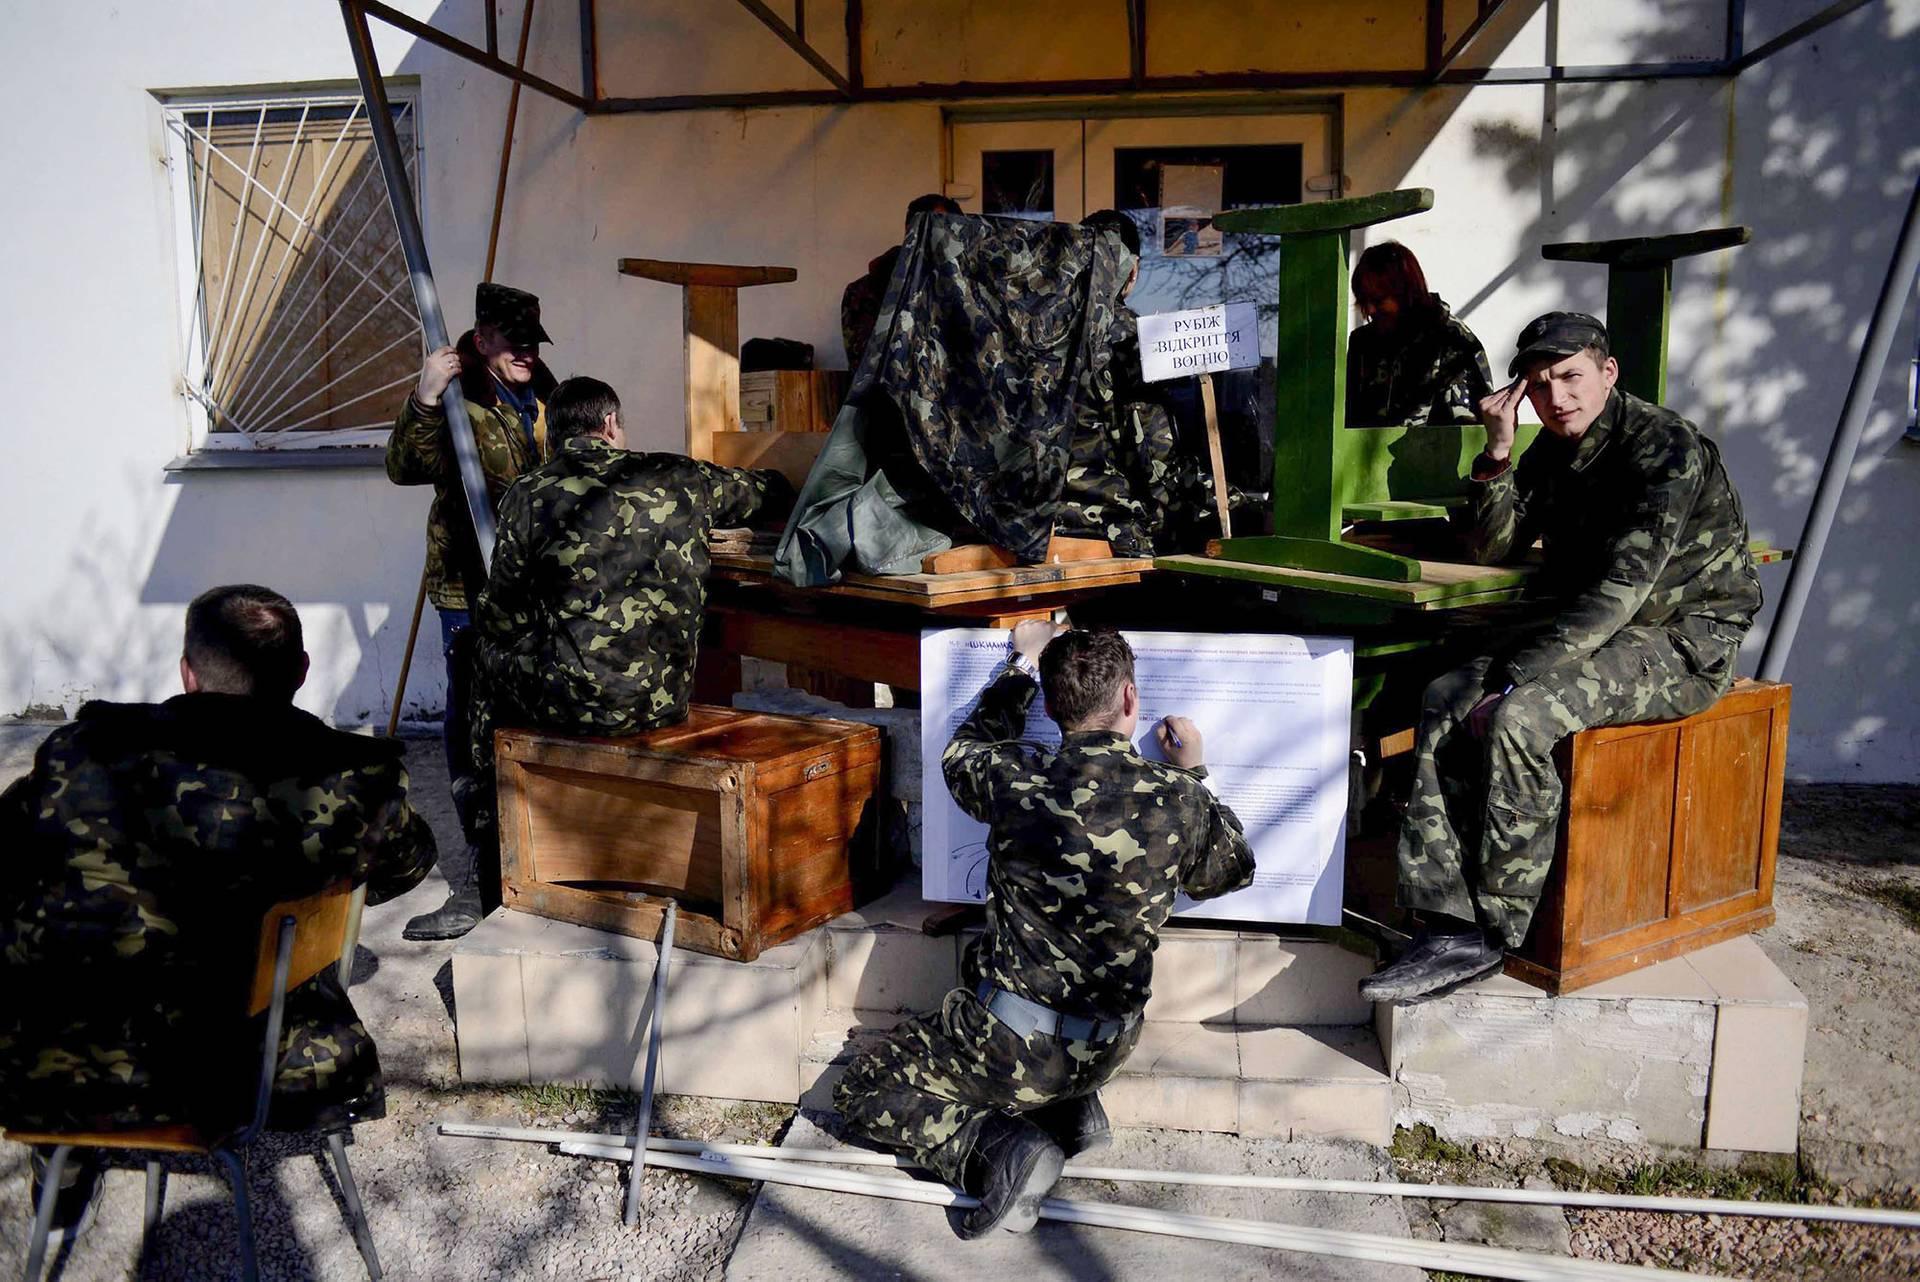 Українські військові чекають наказ із Києва щодо подальших дій у військовій частині в Бельбеку. Кримські загони так званої «самооборони» за підтримки російських військових влаштовували декілька показових спроб силового штурму, Крим, 21 березня 2014 року